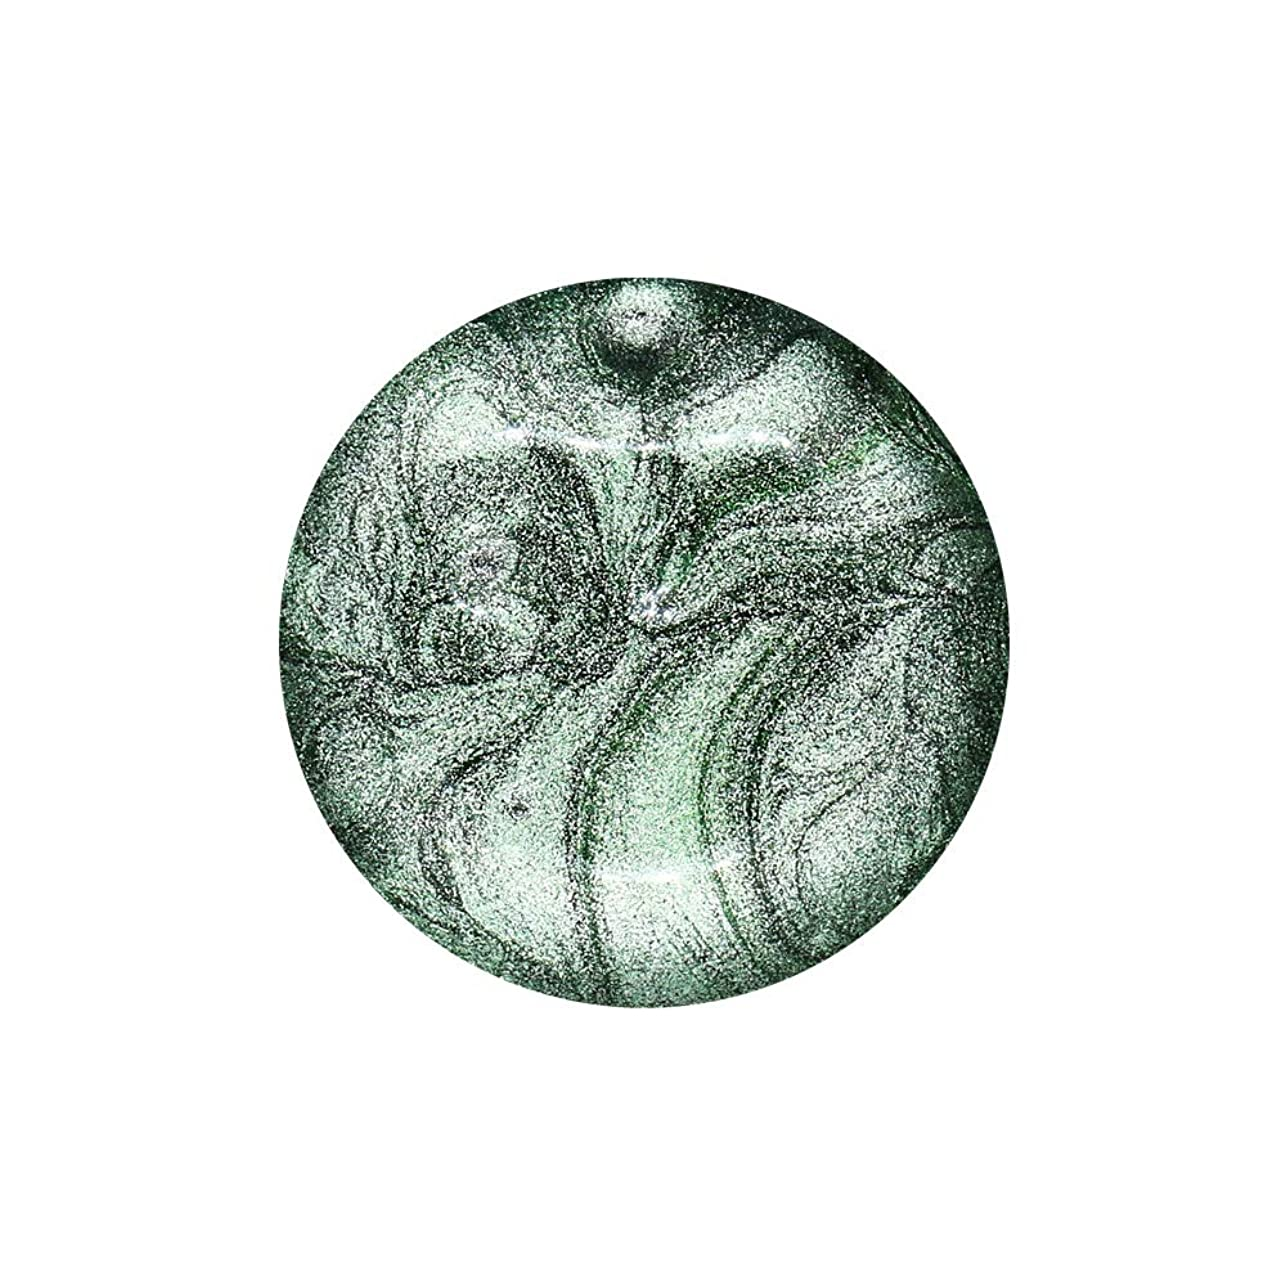 サラミ先のことを考えるゲートiro gel(イロジェル) ネイルタウンジェル カラーシルクジェル 3g入り シルクジェル スパイダージェル ラインジェル【ライトグリーン】